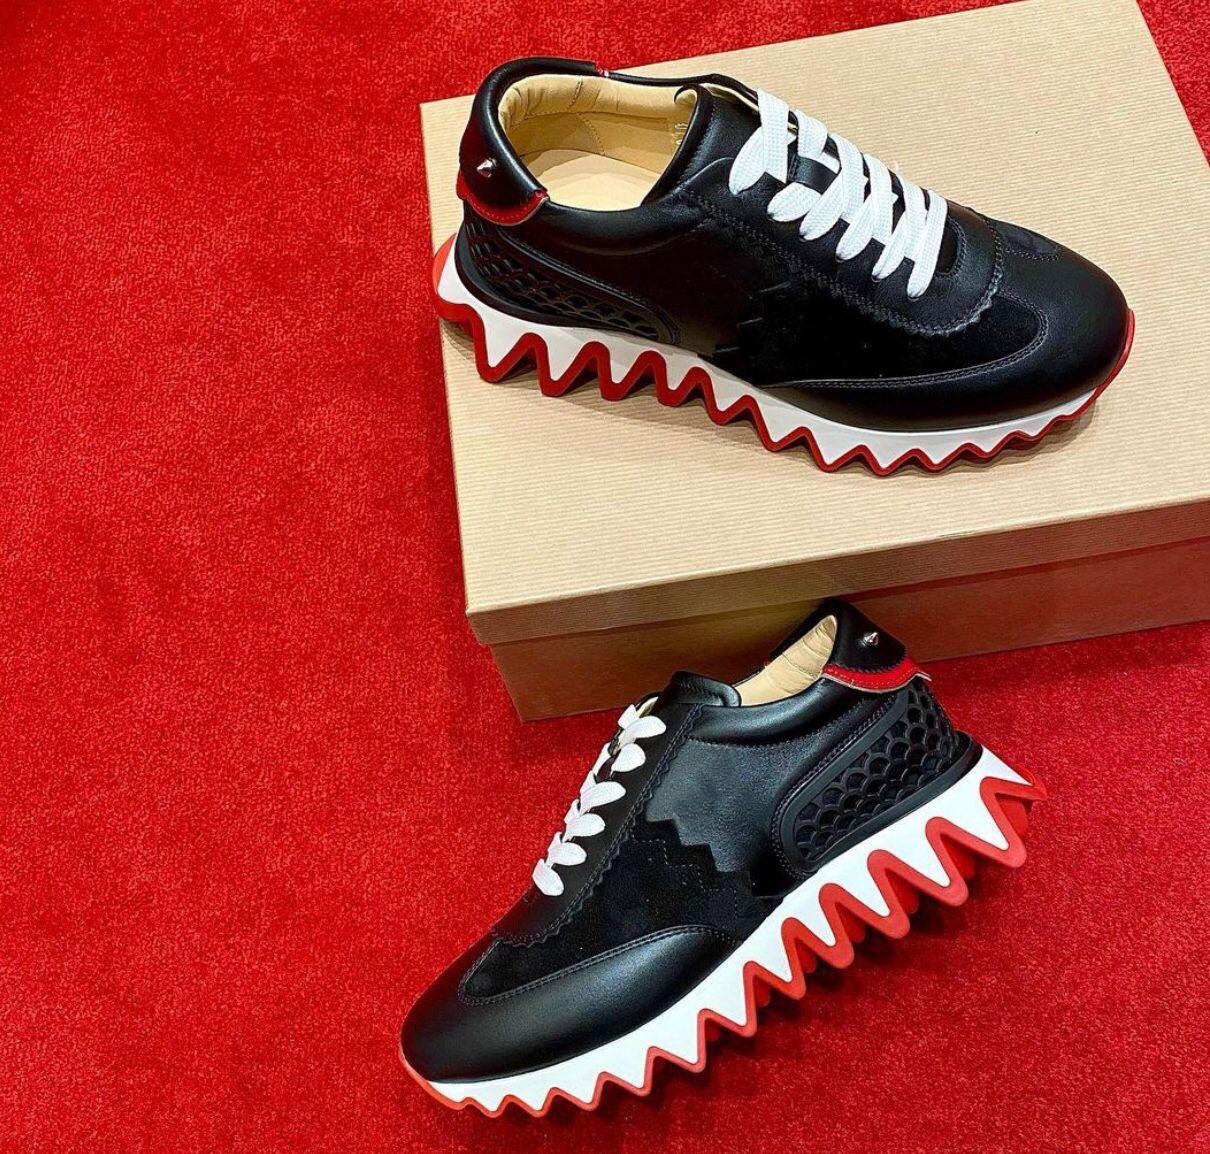 Famosos 2021s / s Pareja al aire libre ¡Deportes! Pisos de zapatillas de deporte de loubiskark de calidad T para hombres, mujeres zapatos casuales para caminar mejor regalo 35-47